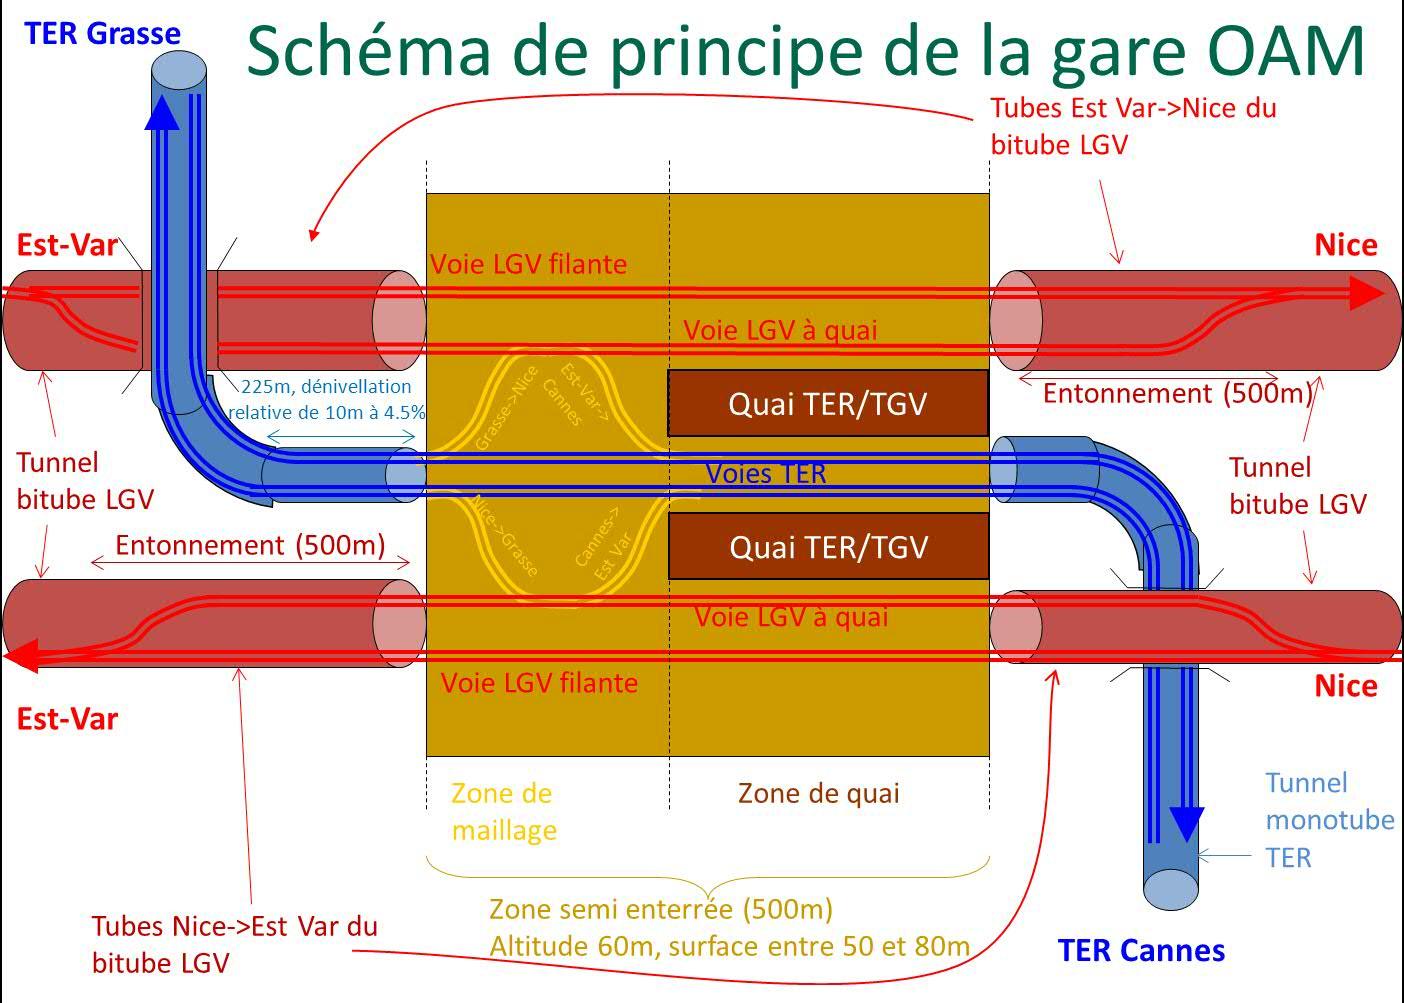 Le 5e scénario dans les Alpes Maritimes : objectif maillage